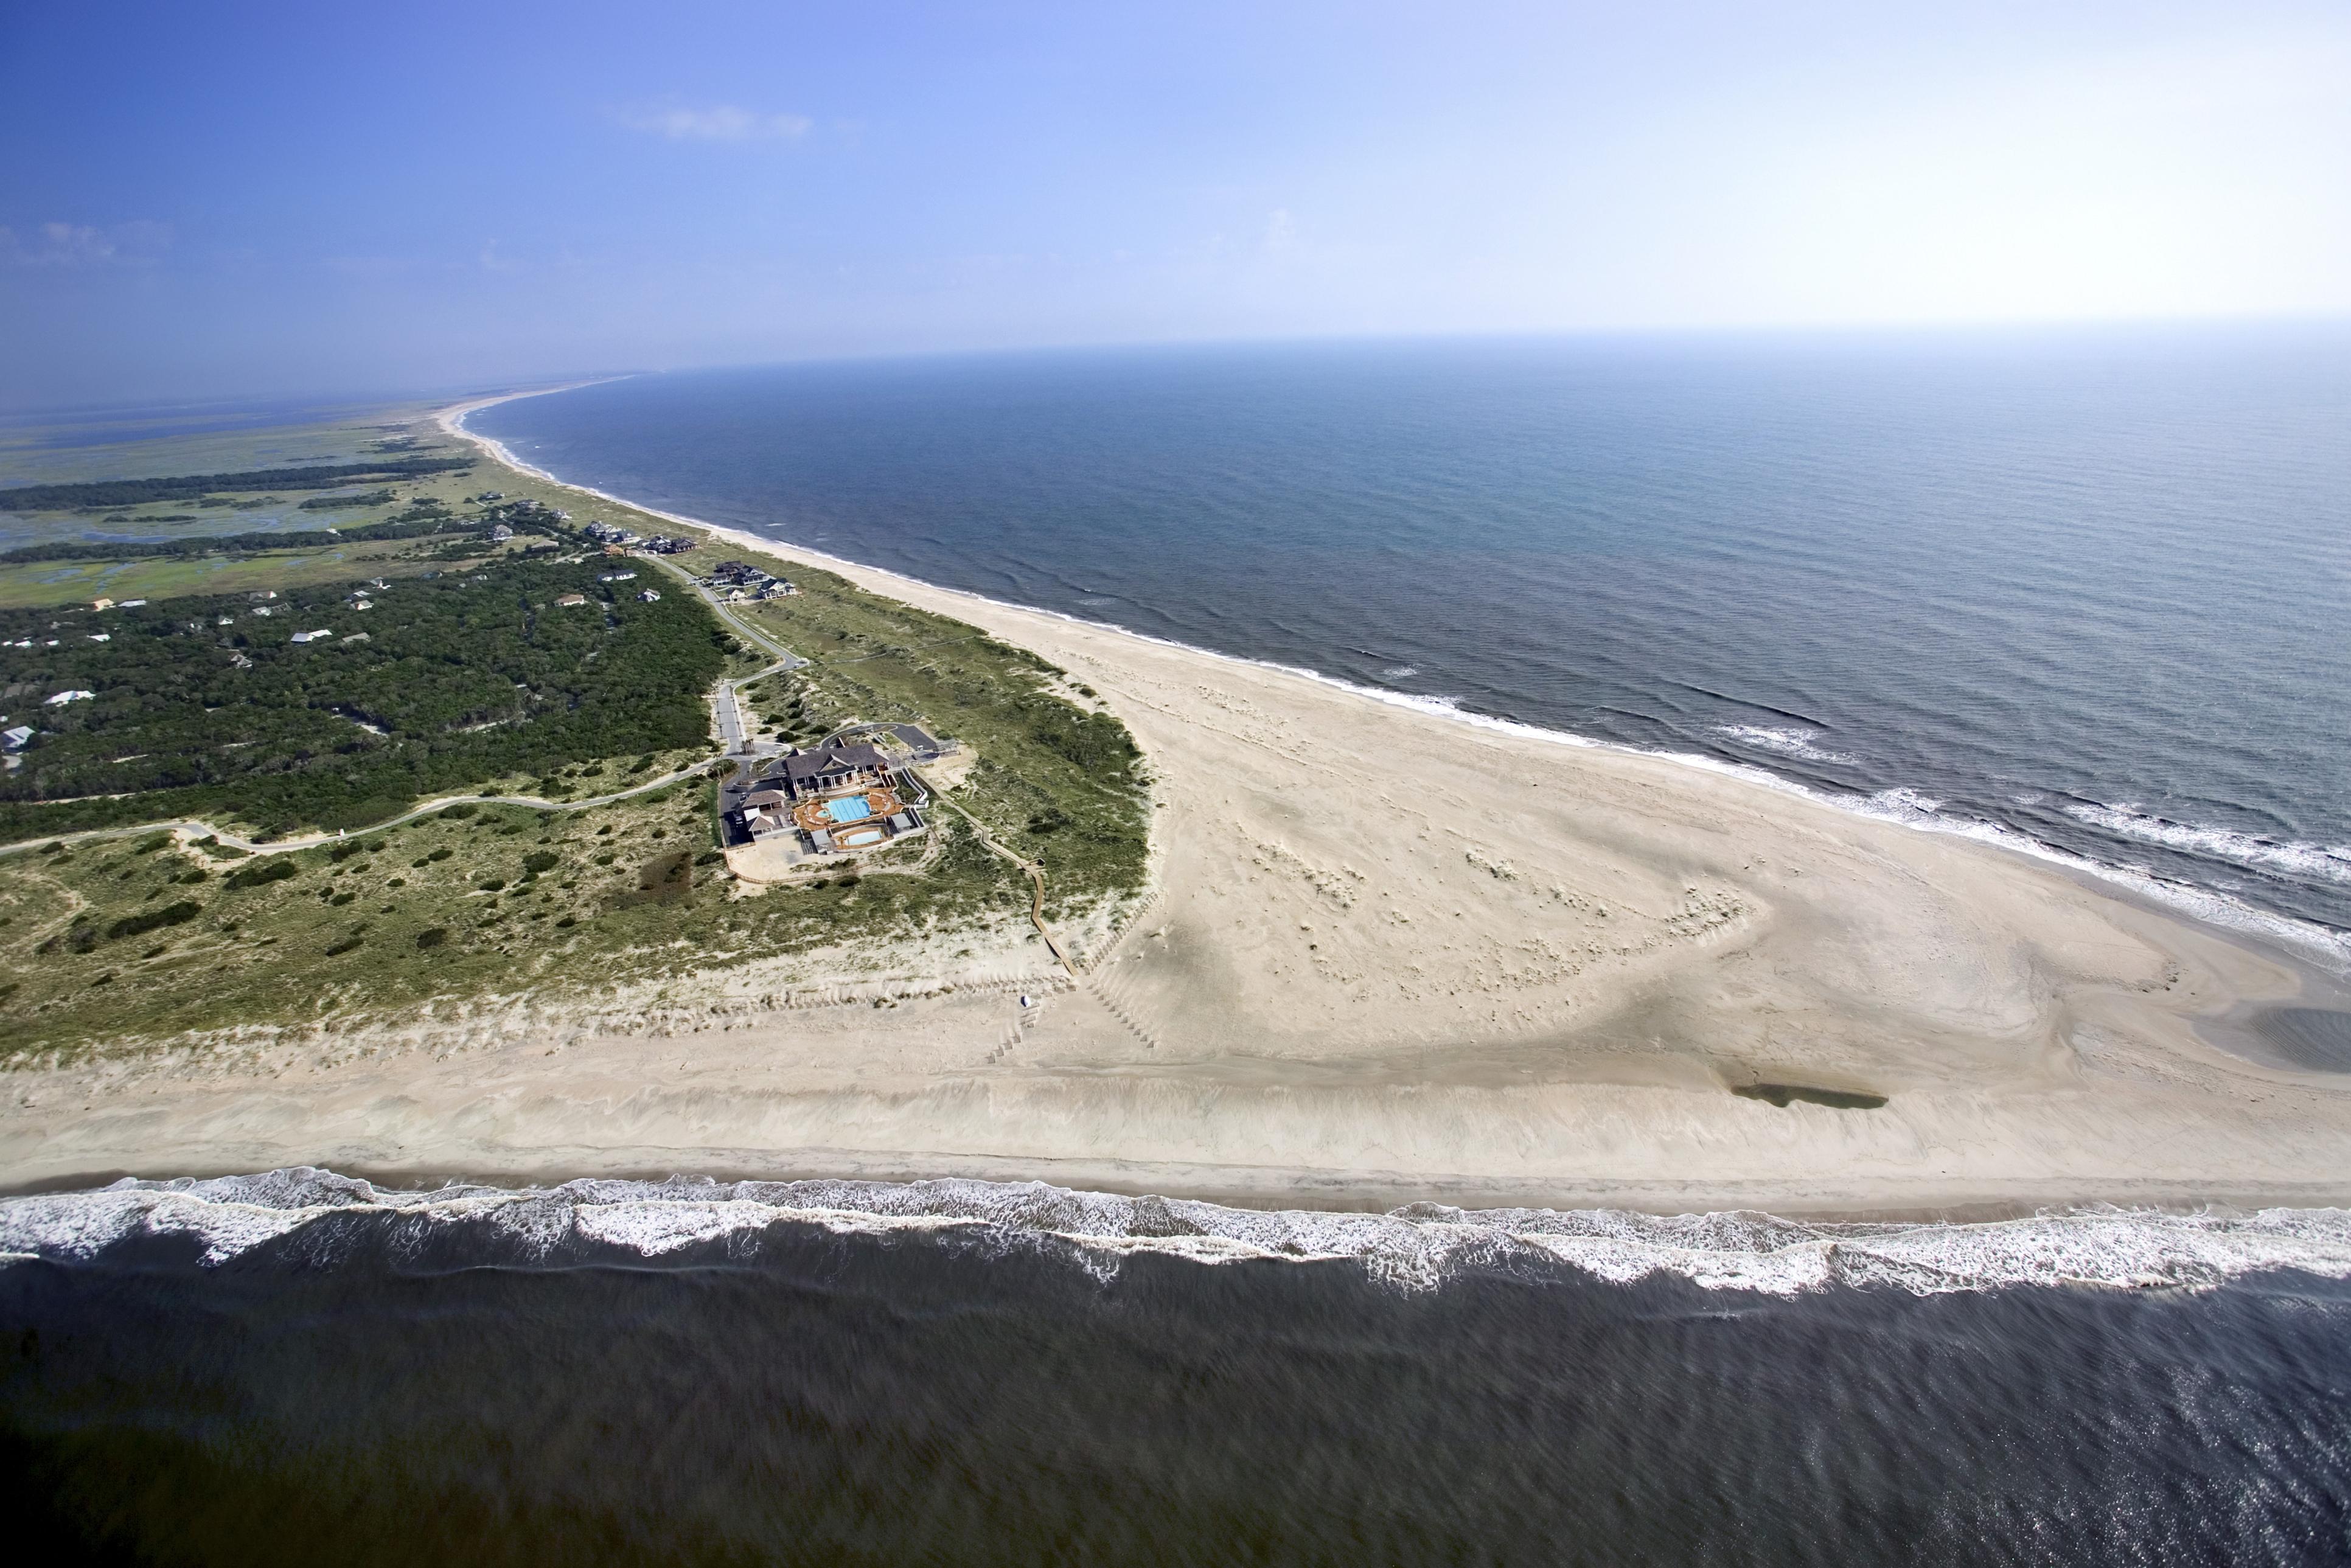 North Carolina has stunning beaches